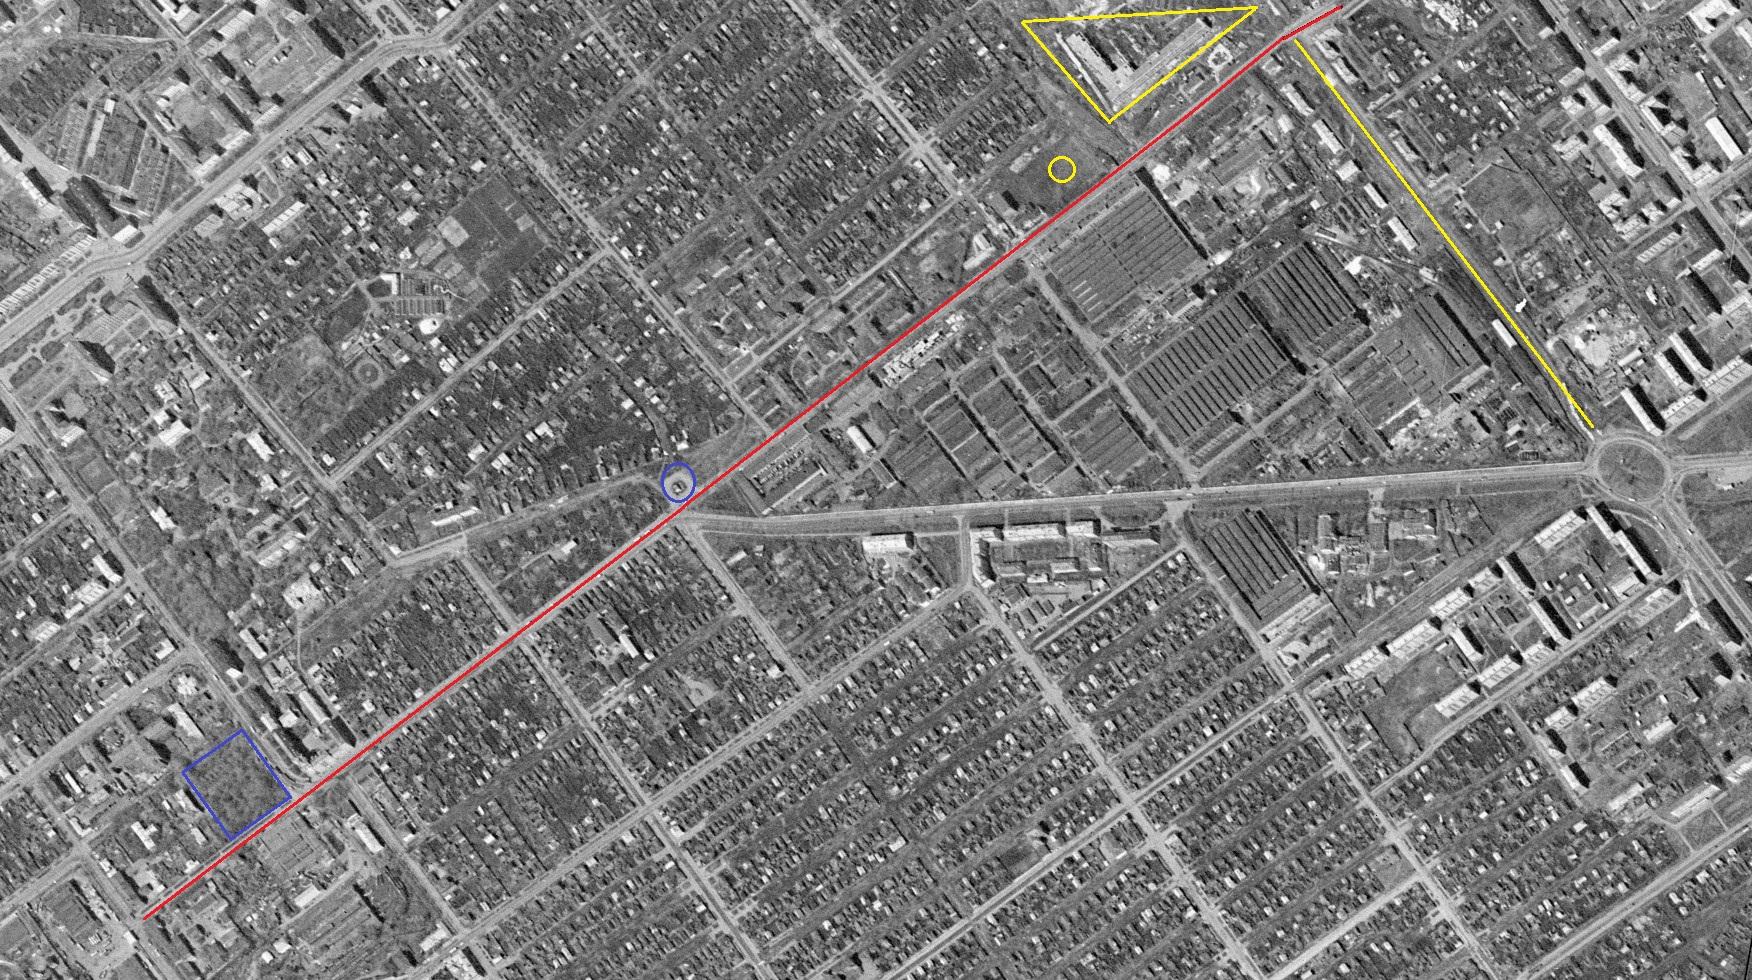 Улица Мичурина в 1965 году